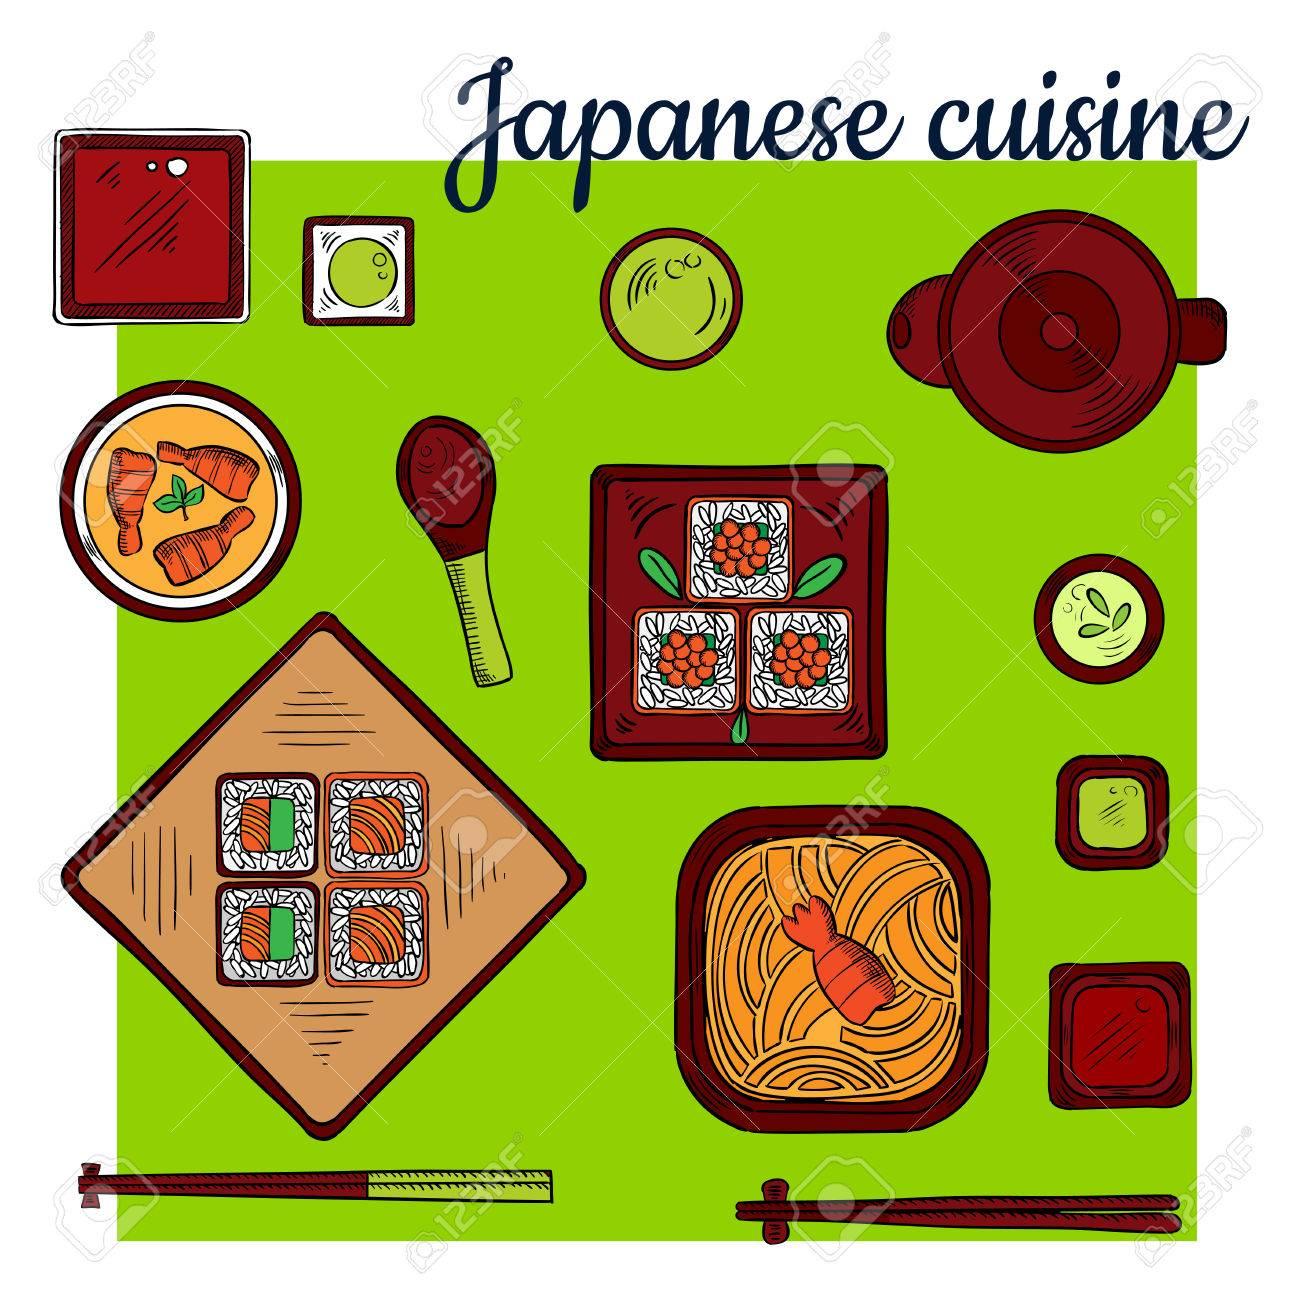 Beliebte Orientalische Fischgerichte Der Japanischen Küche Bunte ...